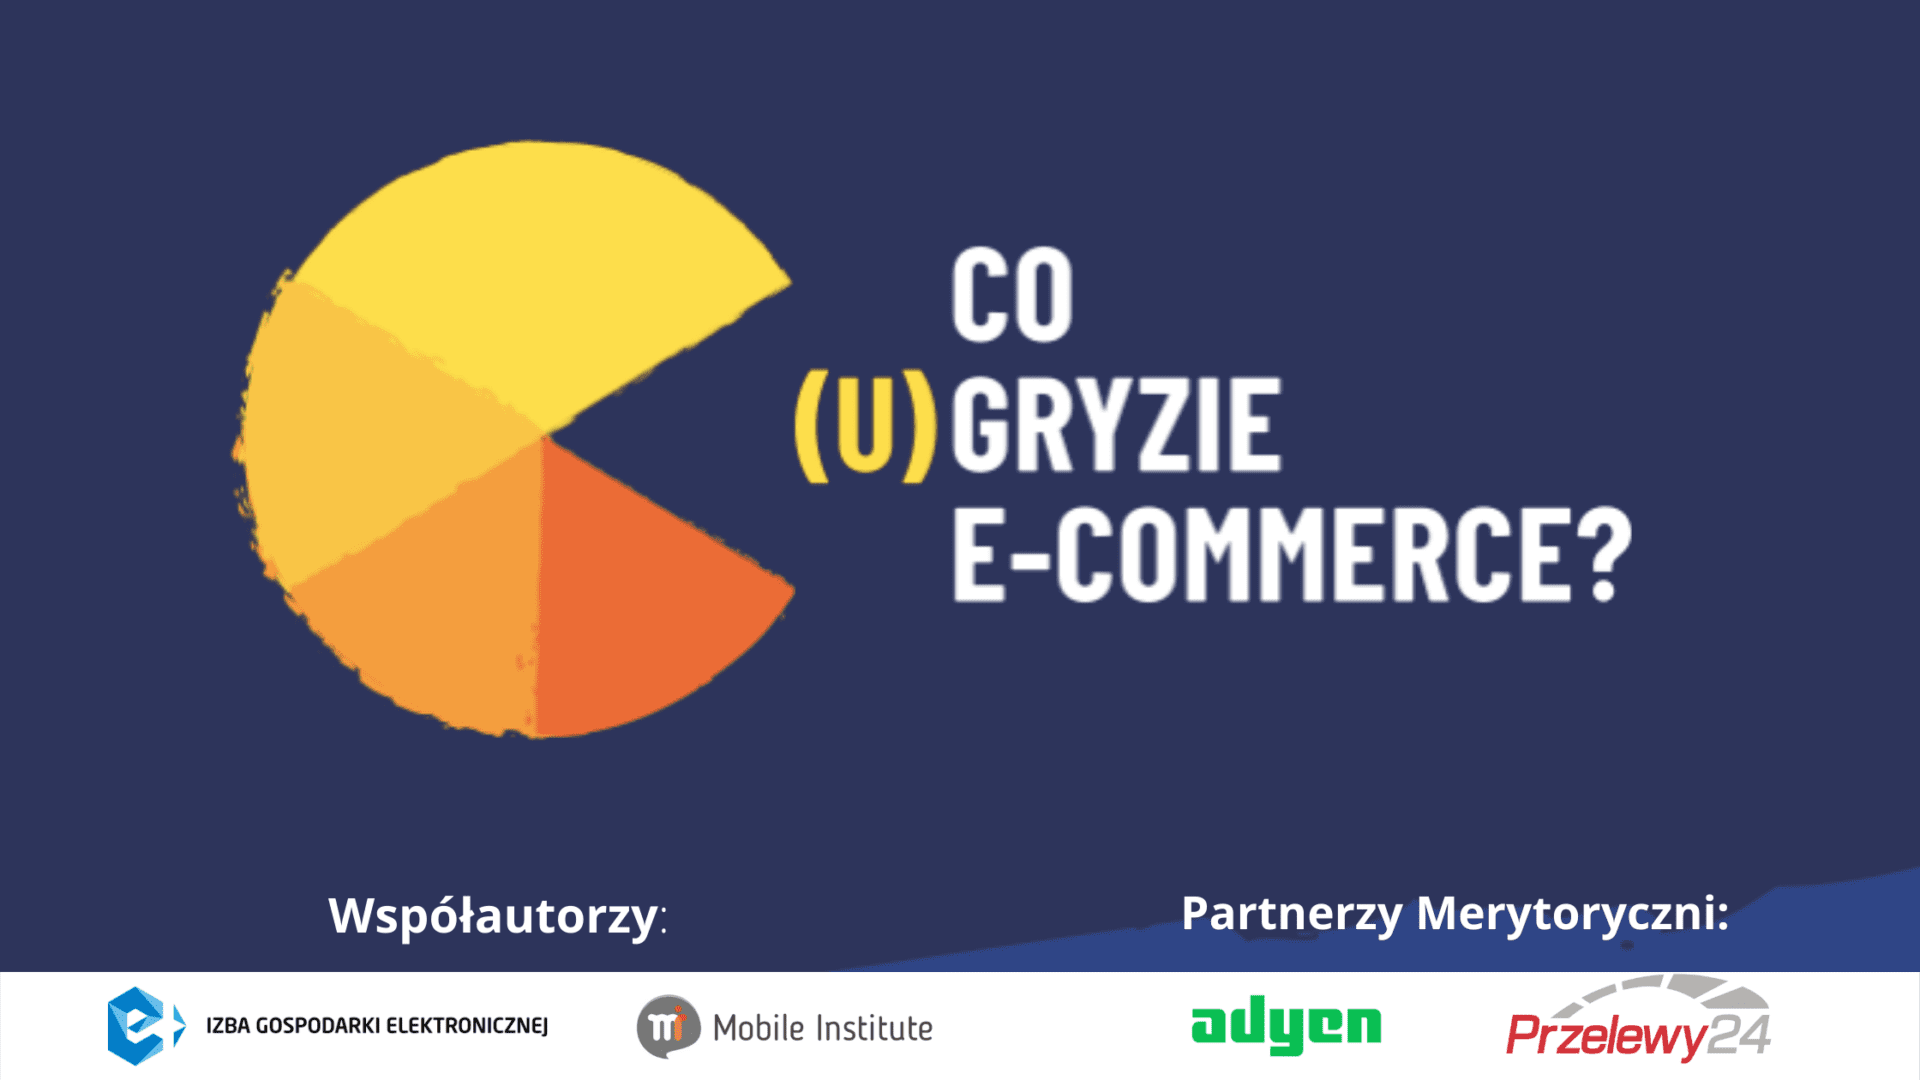 Co (u)gryzie e-commerce? Rozwiązania ułatwiające zakupy w Internecie